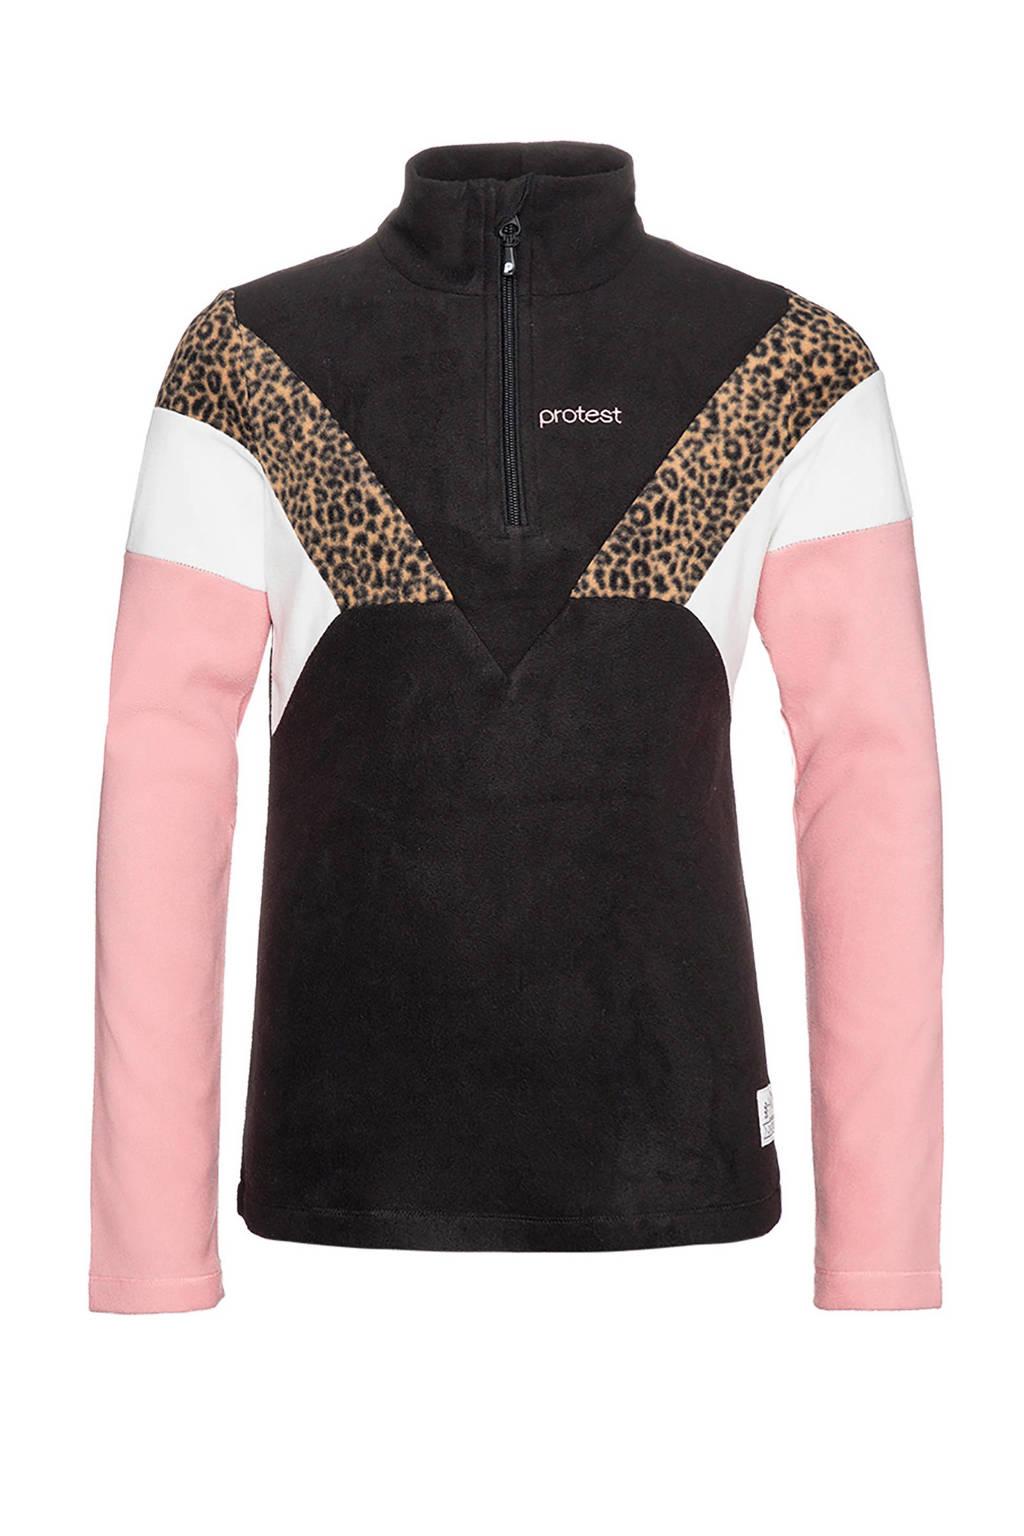 Protest skipully Evy JR zwart/roze/wit, Zwart/roze/wit